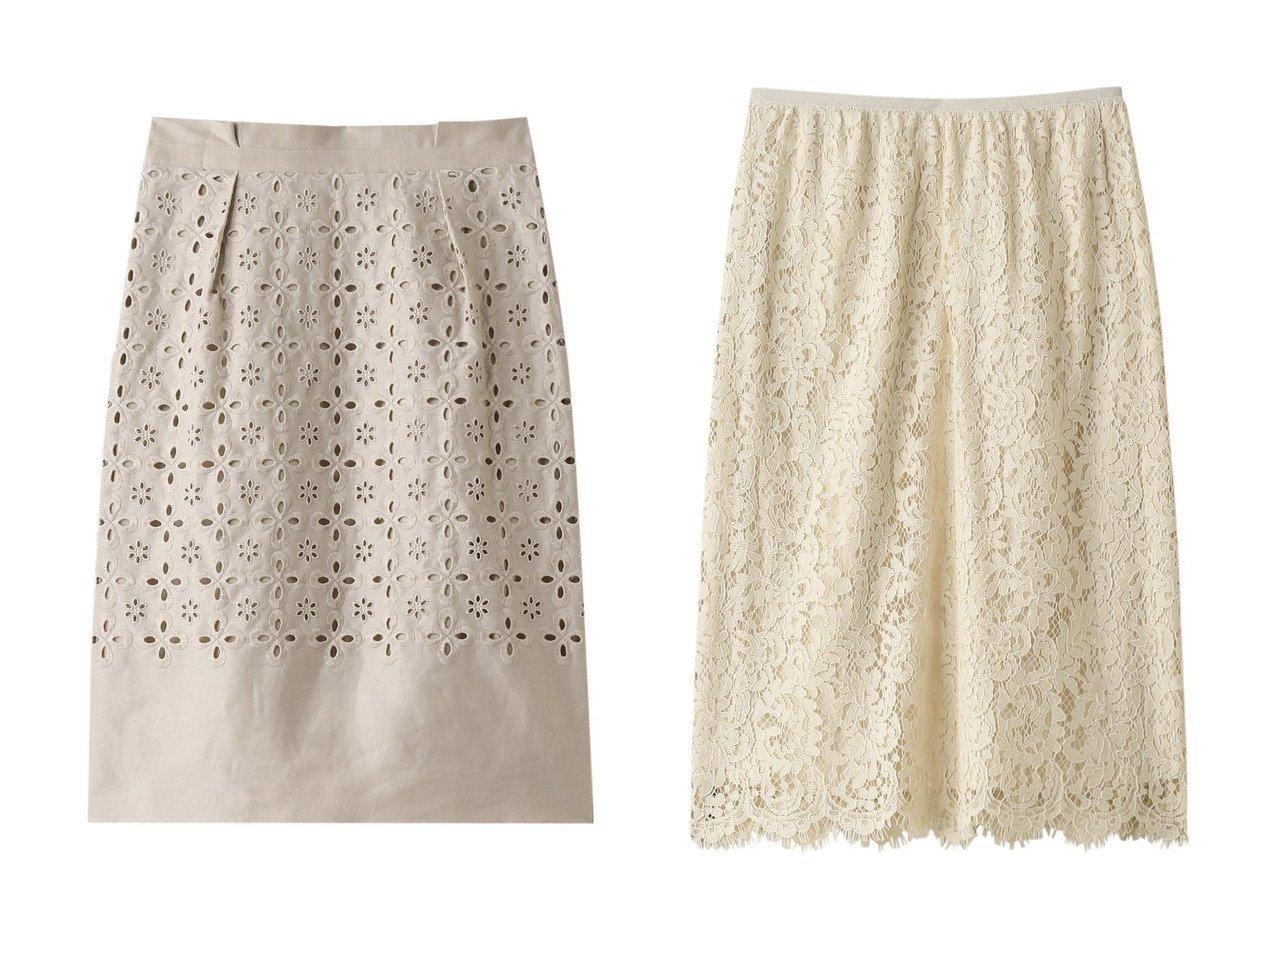 【ANAYI/アナイ】のリネンシシュウハイウエストスカート&パネルレースタイトスカート スカートのおすすめ!人気、トレンド・レディースファッションの通販 おすすめで人気の流行・トレンド、ファッションの通販商品 メンズファッション・キッズファッション・インテリア・家具・レディースファッション・服の通販 founy(ファニー) https://founy.com/ ファッション Fashion レディースファッション WOMEN スカート Skirt スリム リネン 再入荷 Restock/Back in Stock/Re Arrival |ID:crp329100000012908